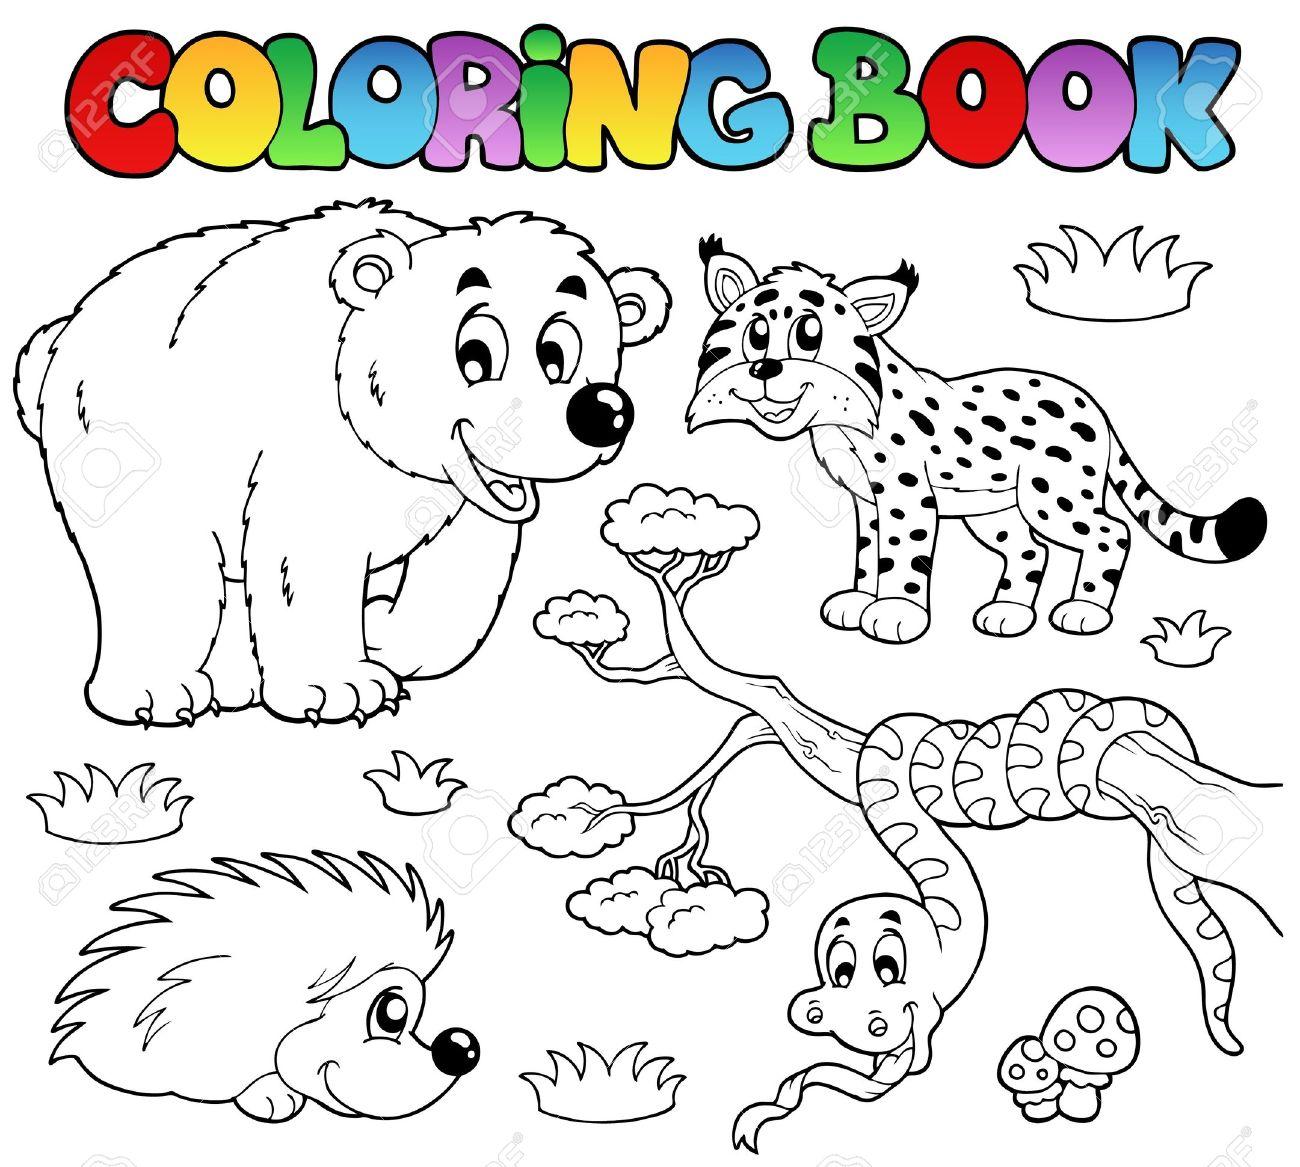 森林動物イラスト塗り絵。 ロイヤリティフリークリップアート、ベクター